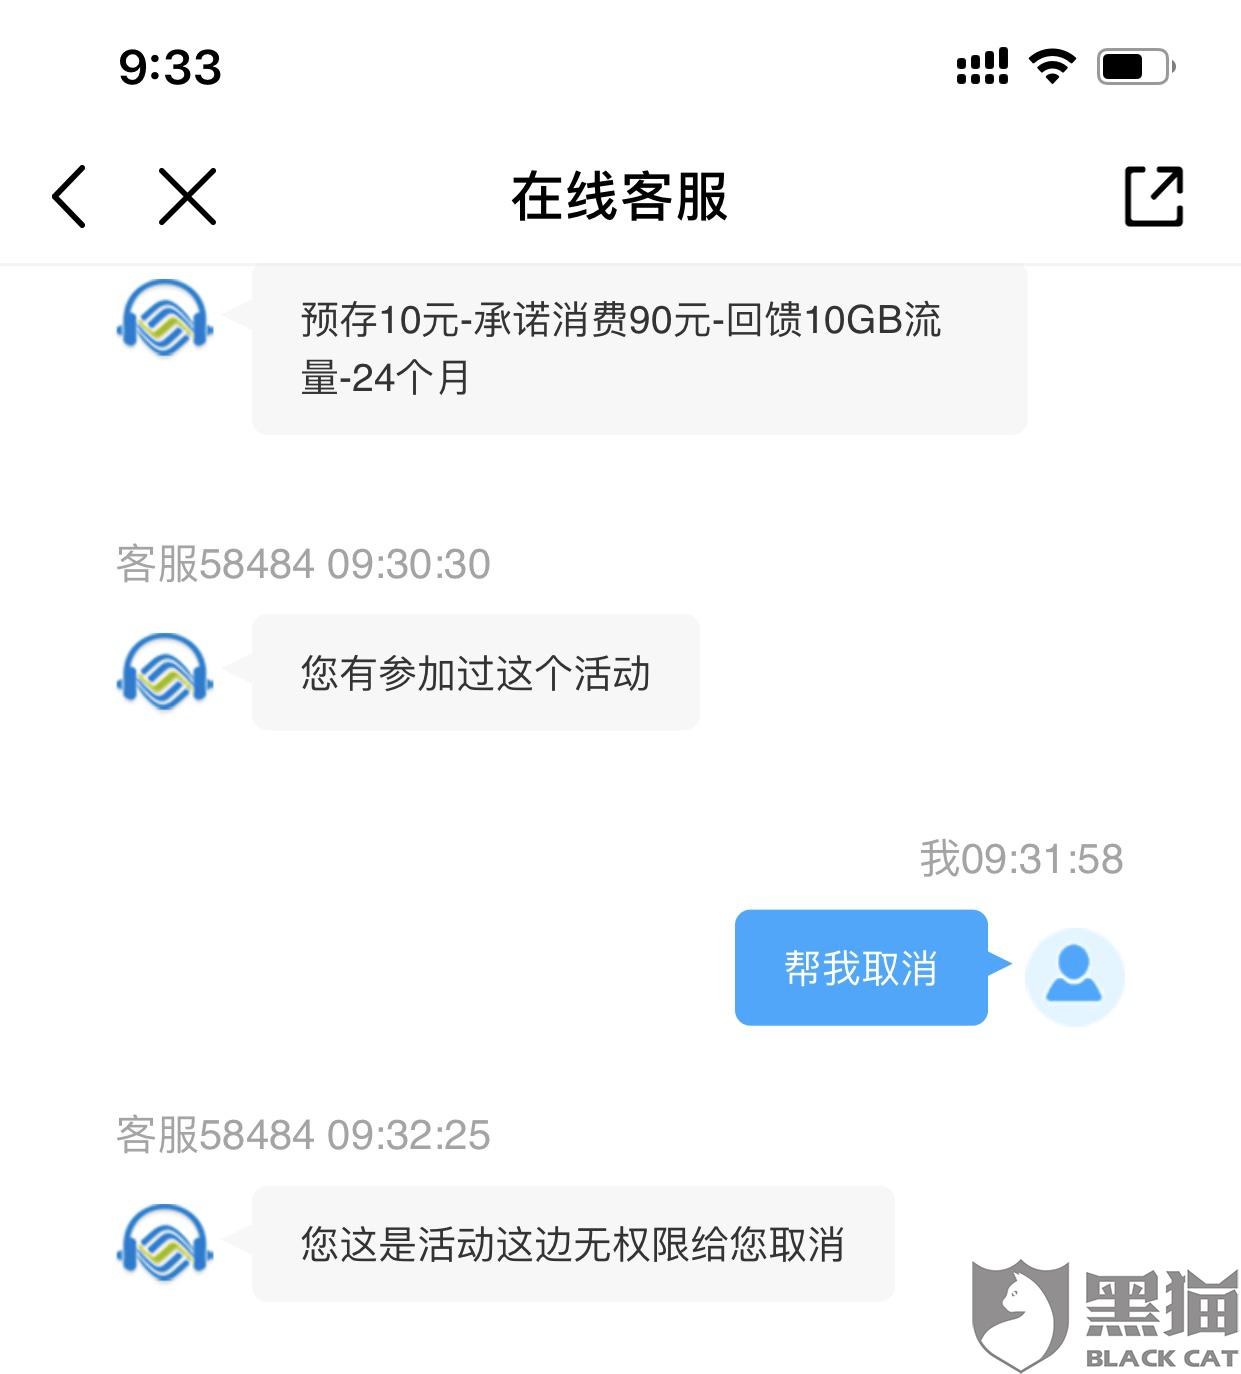 黑猫投诉:中国移动不给取消 业务